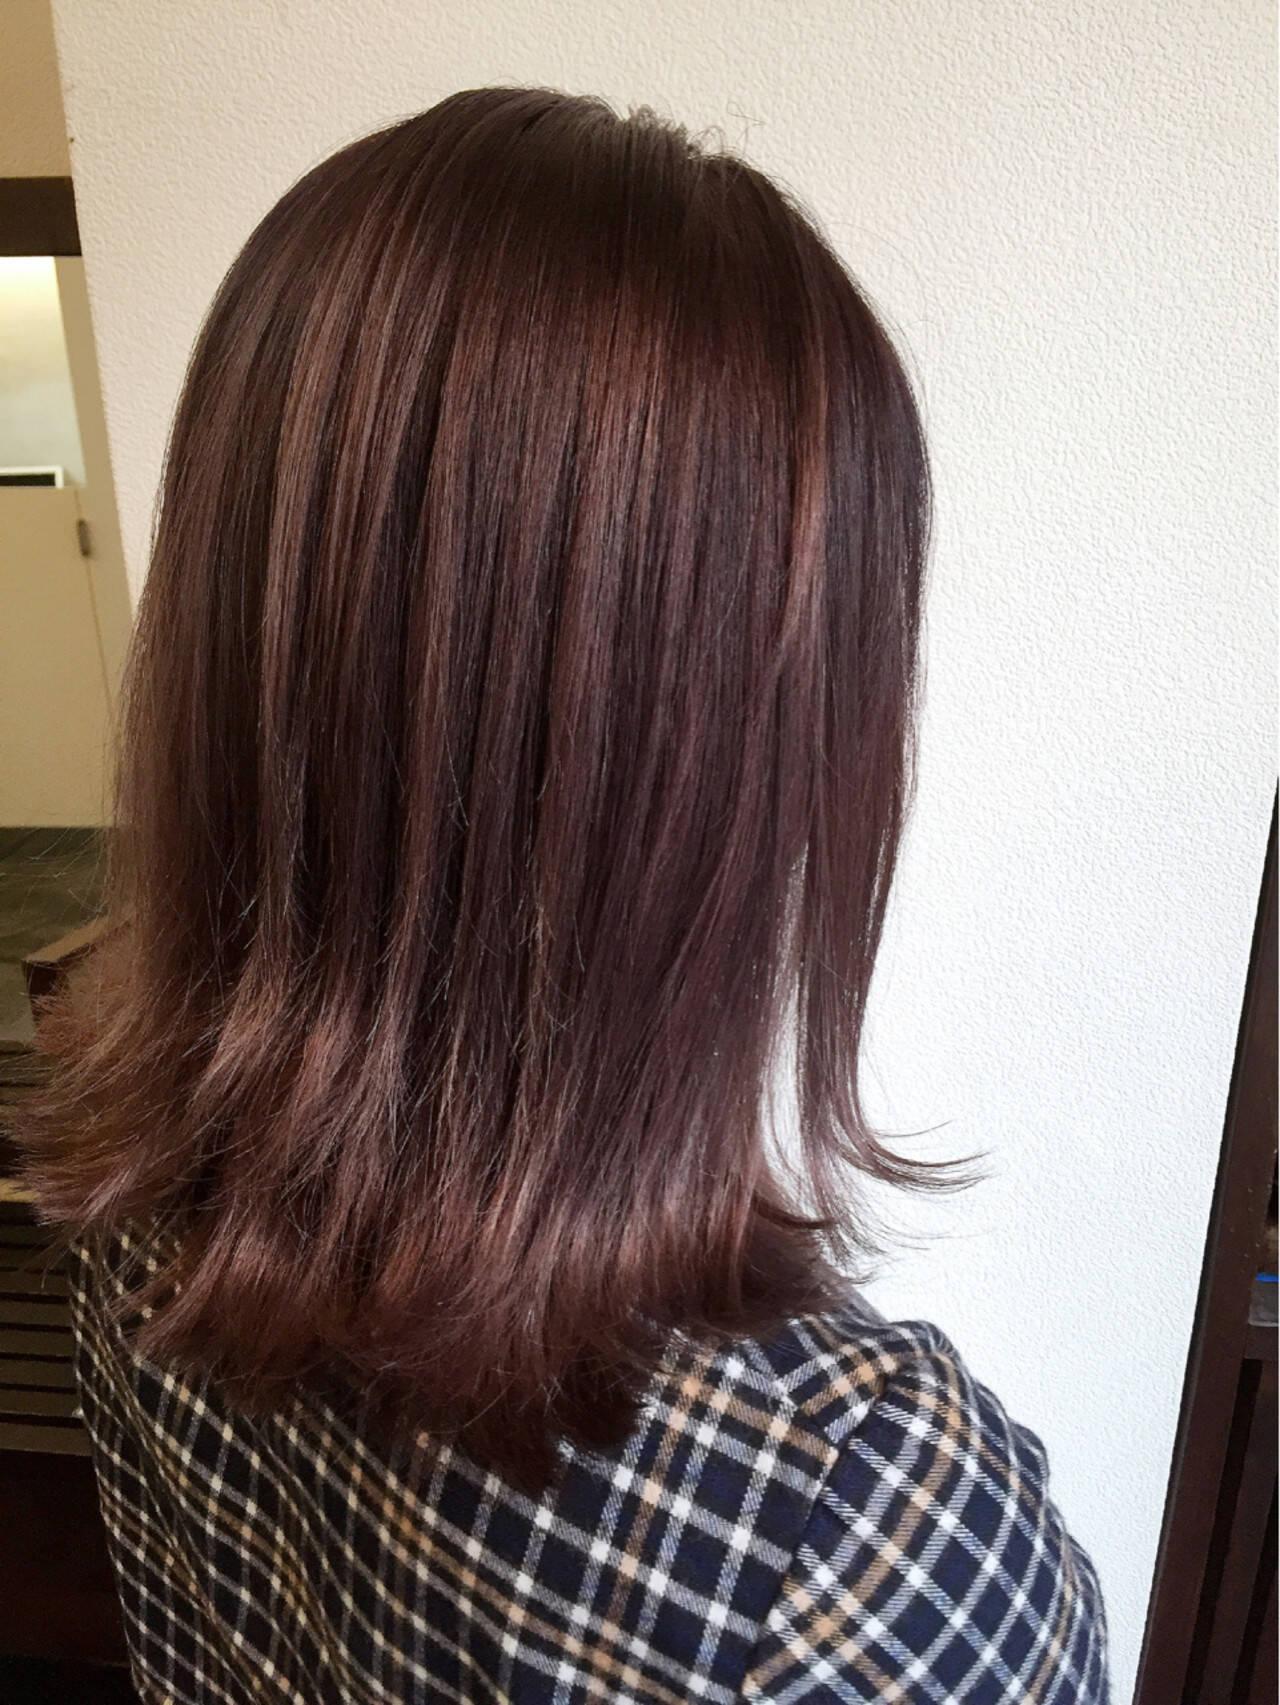 ガーリー グラデーションカラー レッド ミディアムヘアスタイルや髪型の写真・画像